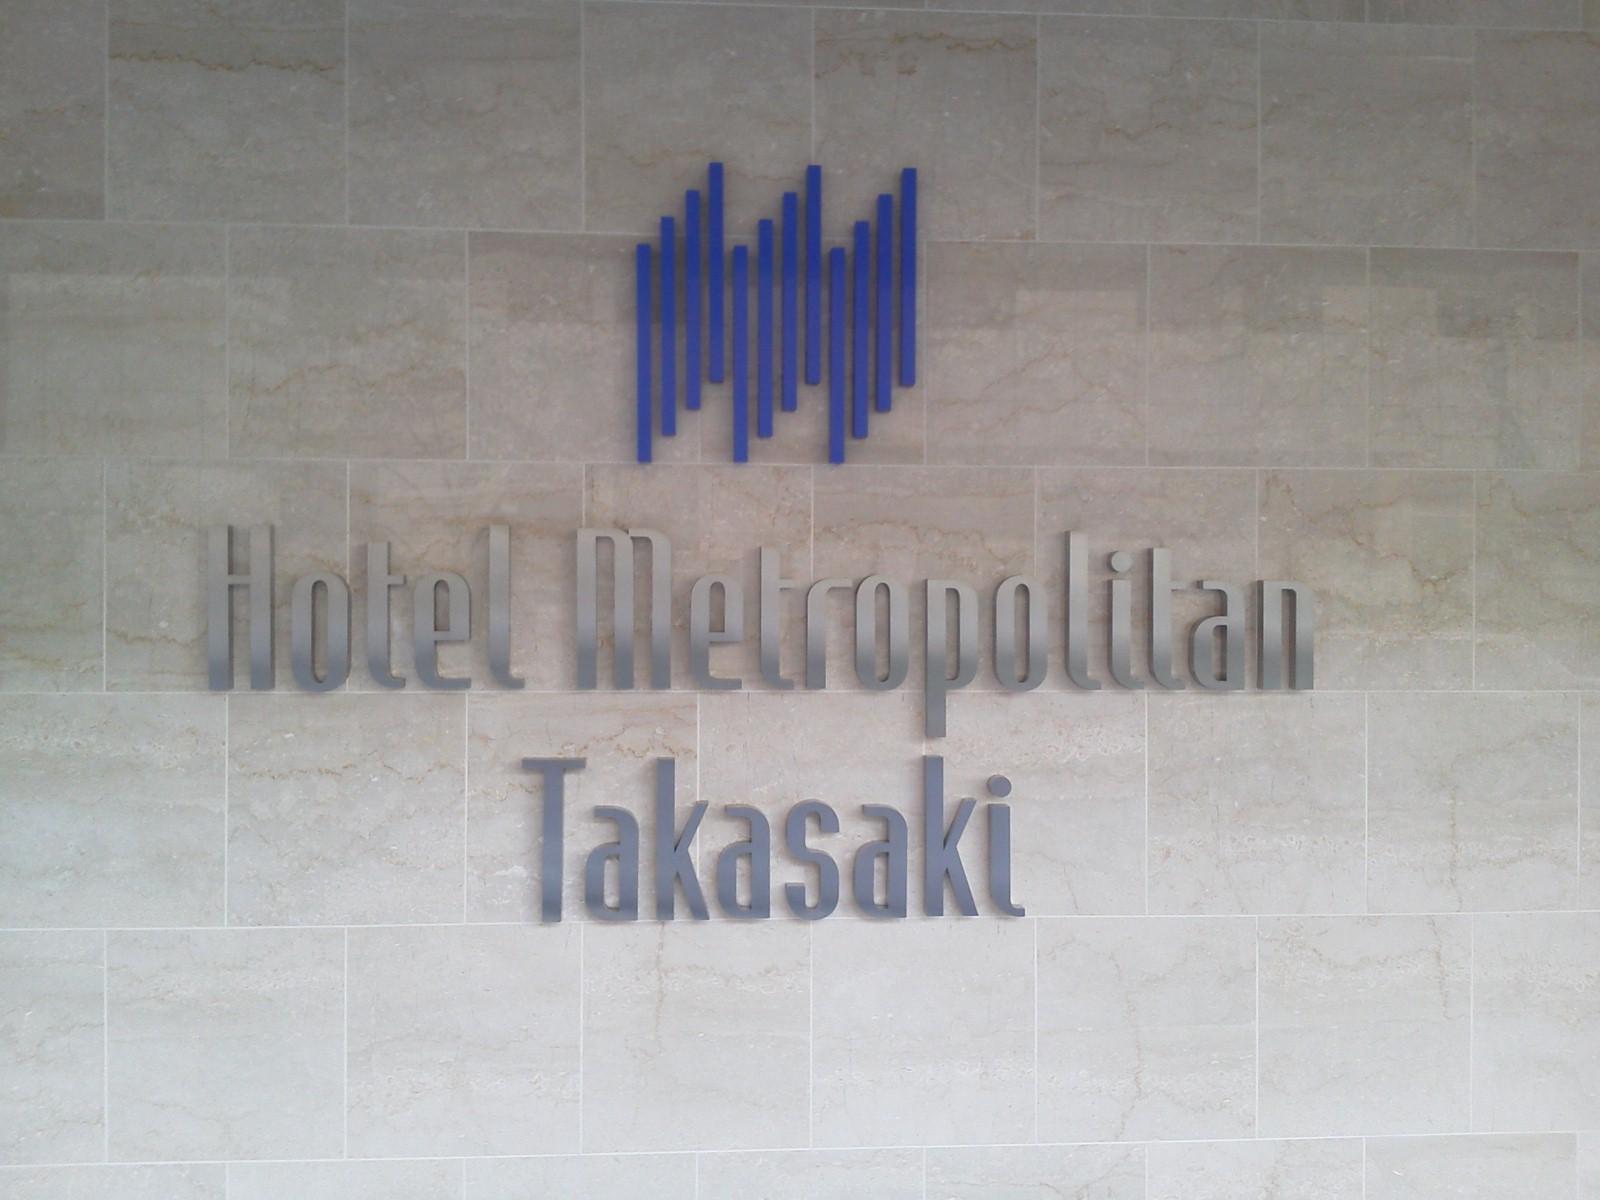 ホテル メトロポリタン高崎